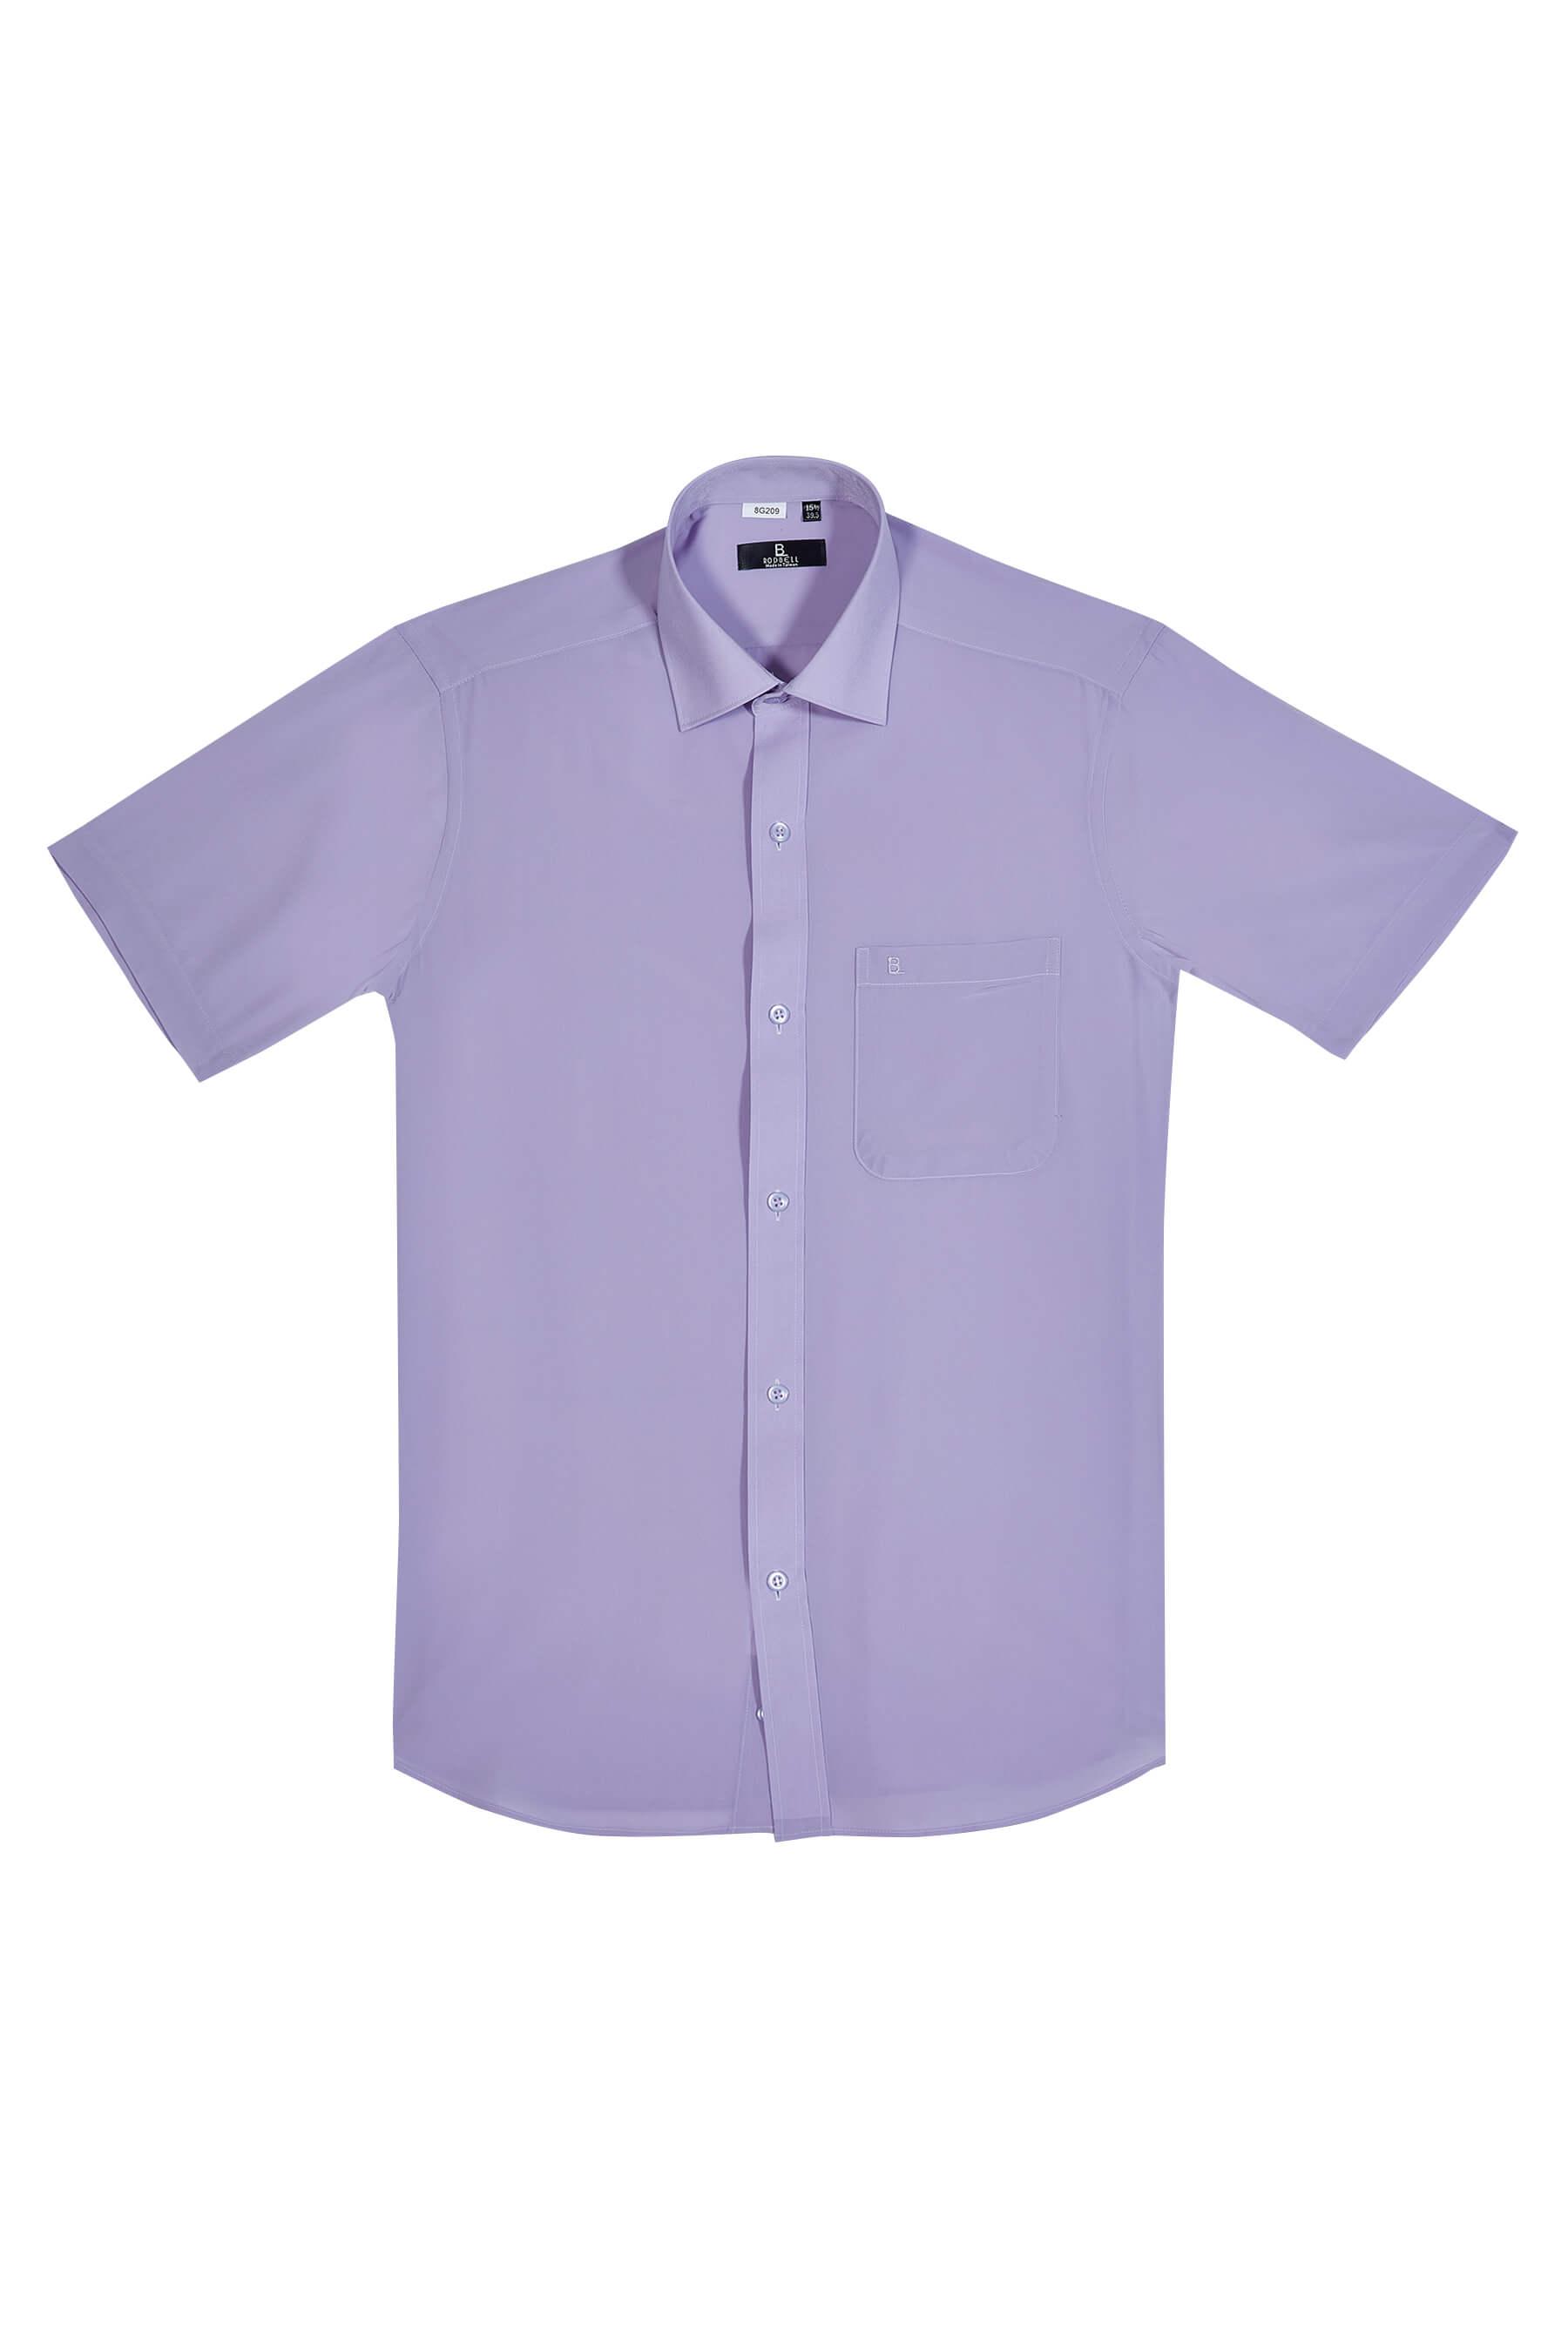 紫色素面短袖襯衫/抗皺 透氣